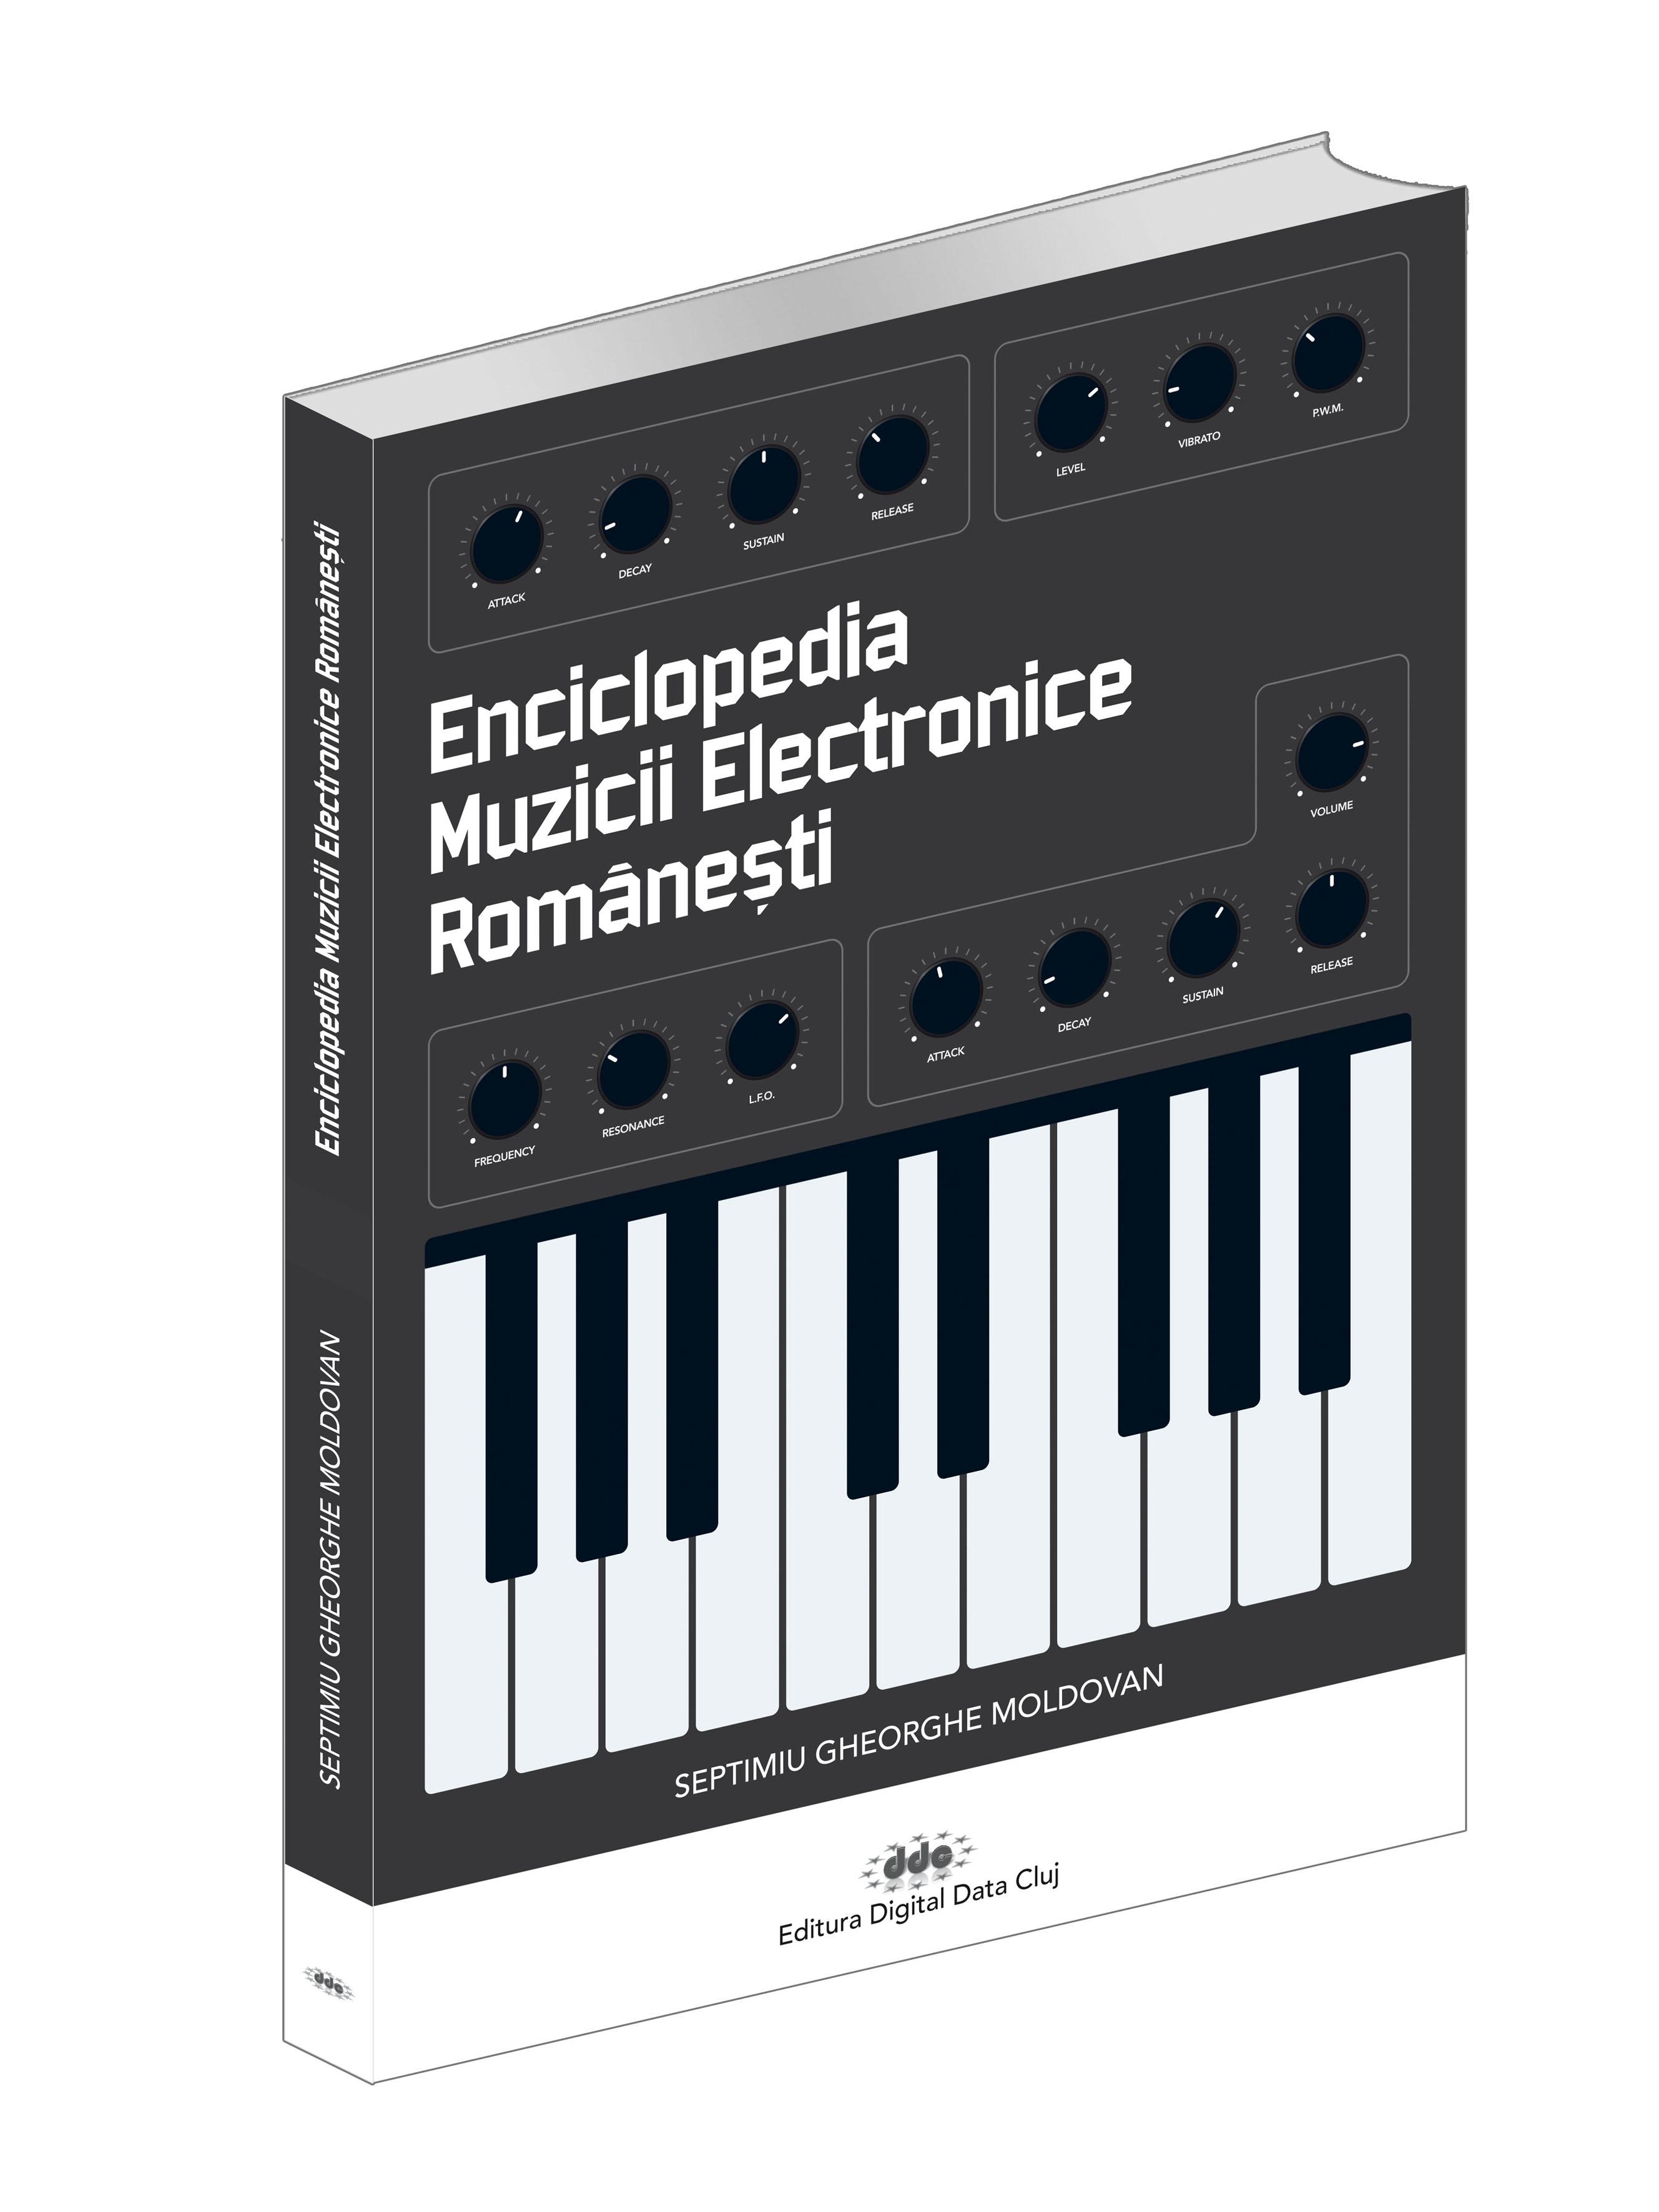 Enciclopedia Muzicii Electronice Românești